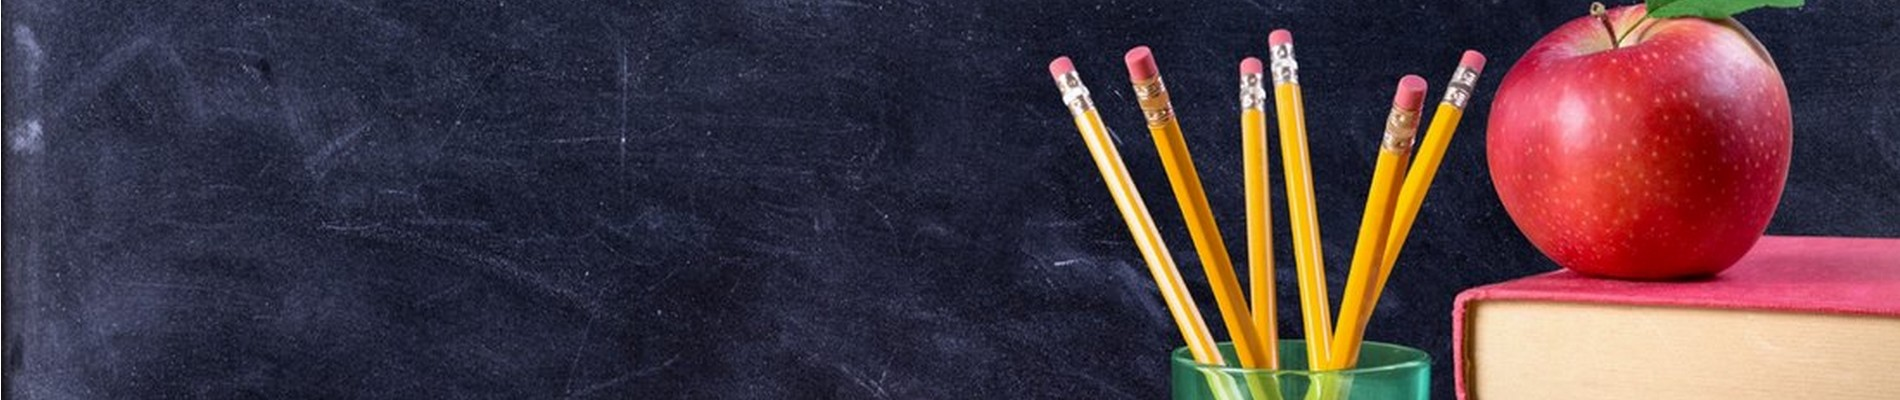 ajándék ötletek pedagógusoknak